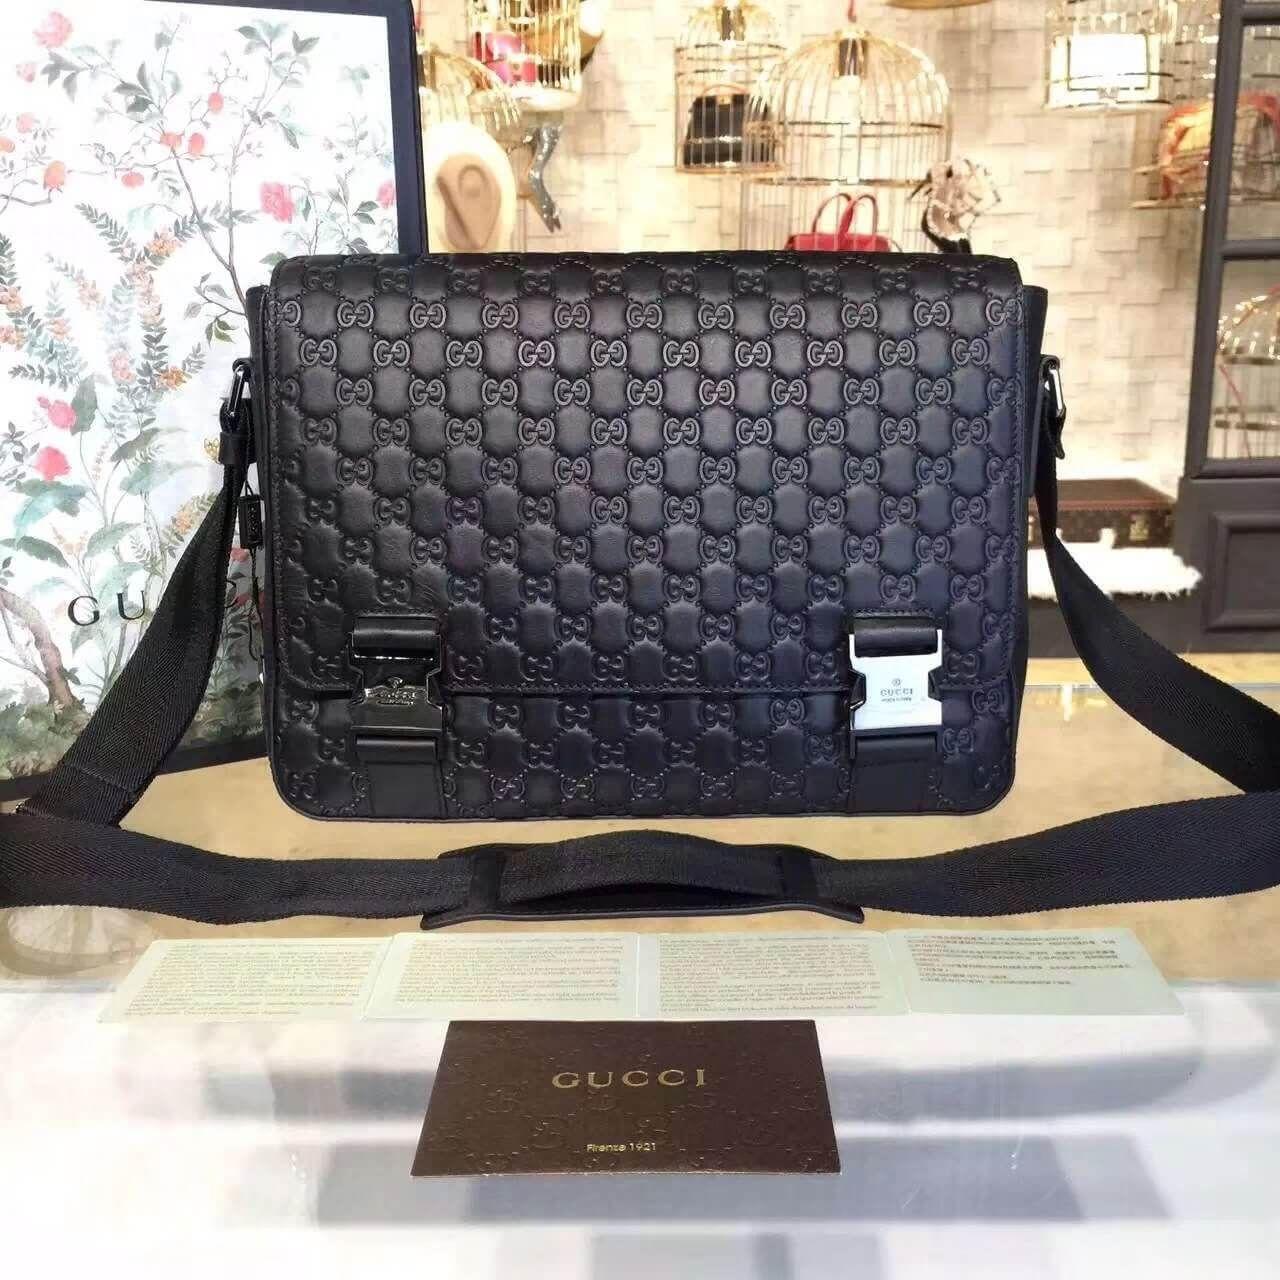 6fa50d69065 Gucci Signature Leather Medium Messenger Bag For Men 406367